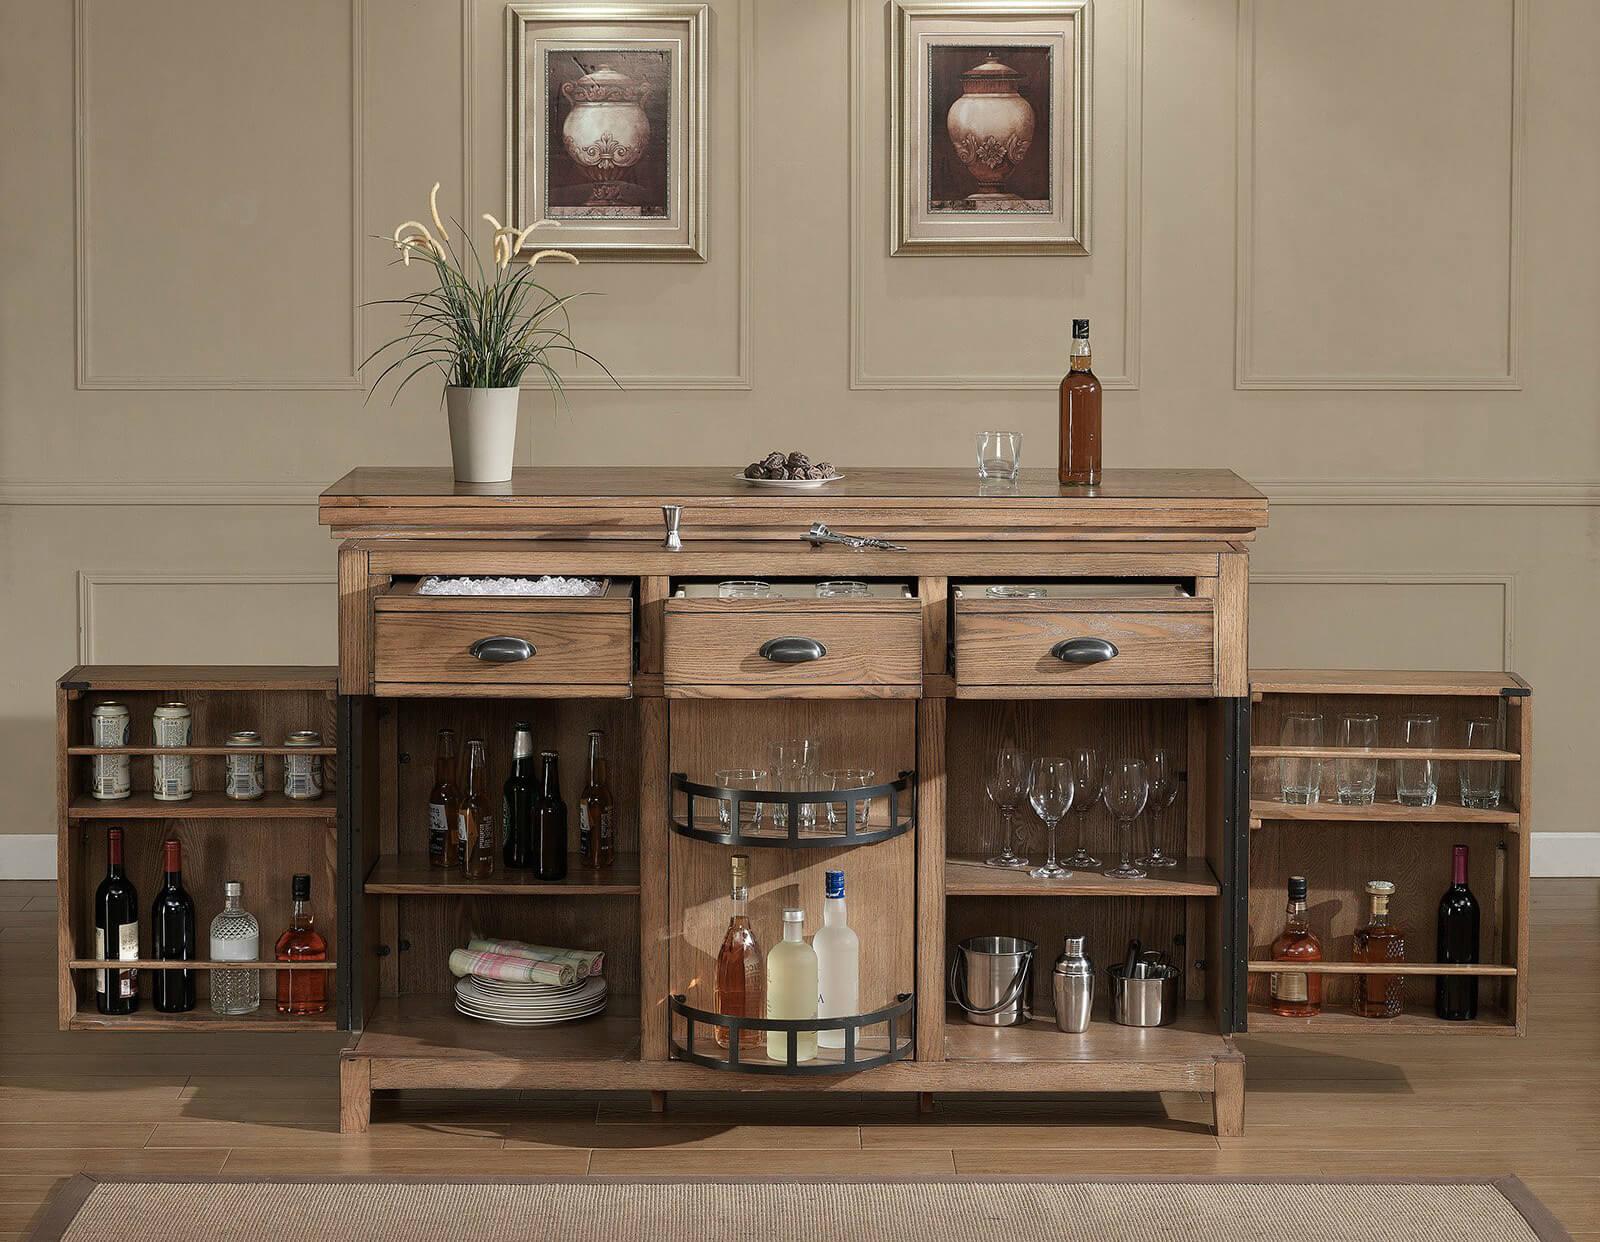 Built Bar Cabinet Ideas